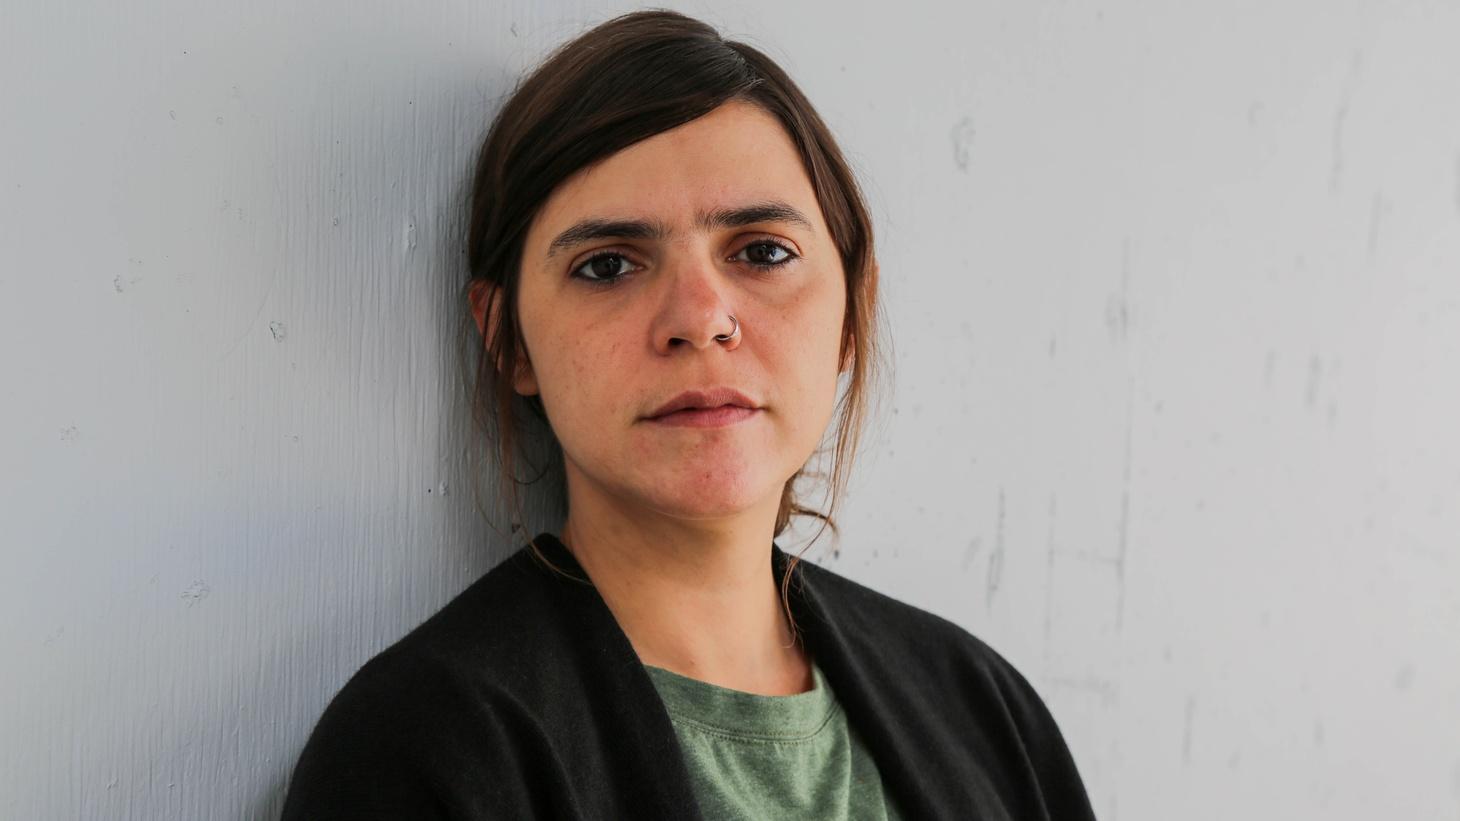 Author, Valeria Luiselli